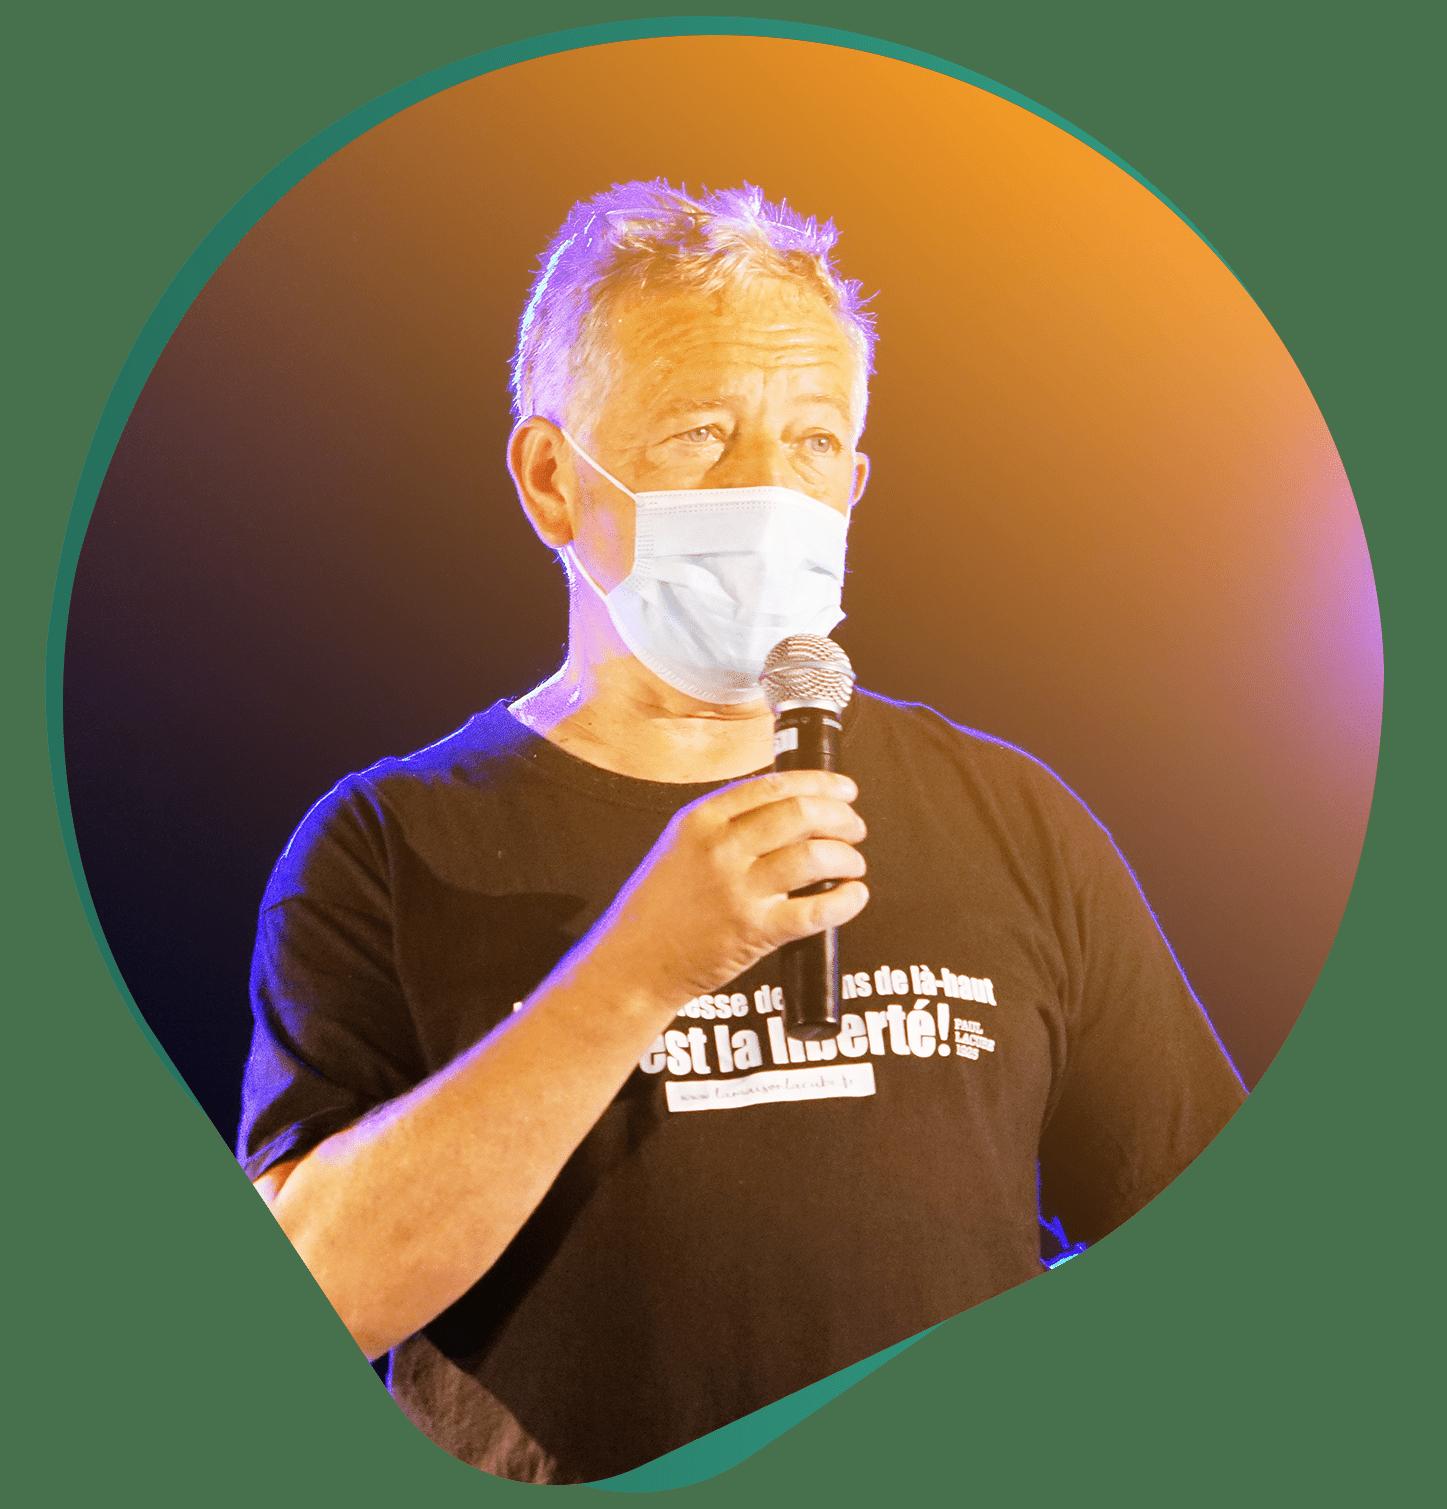 laurent president festival des saveurs min